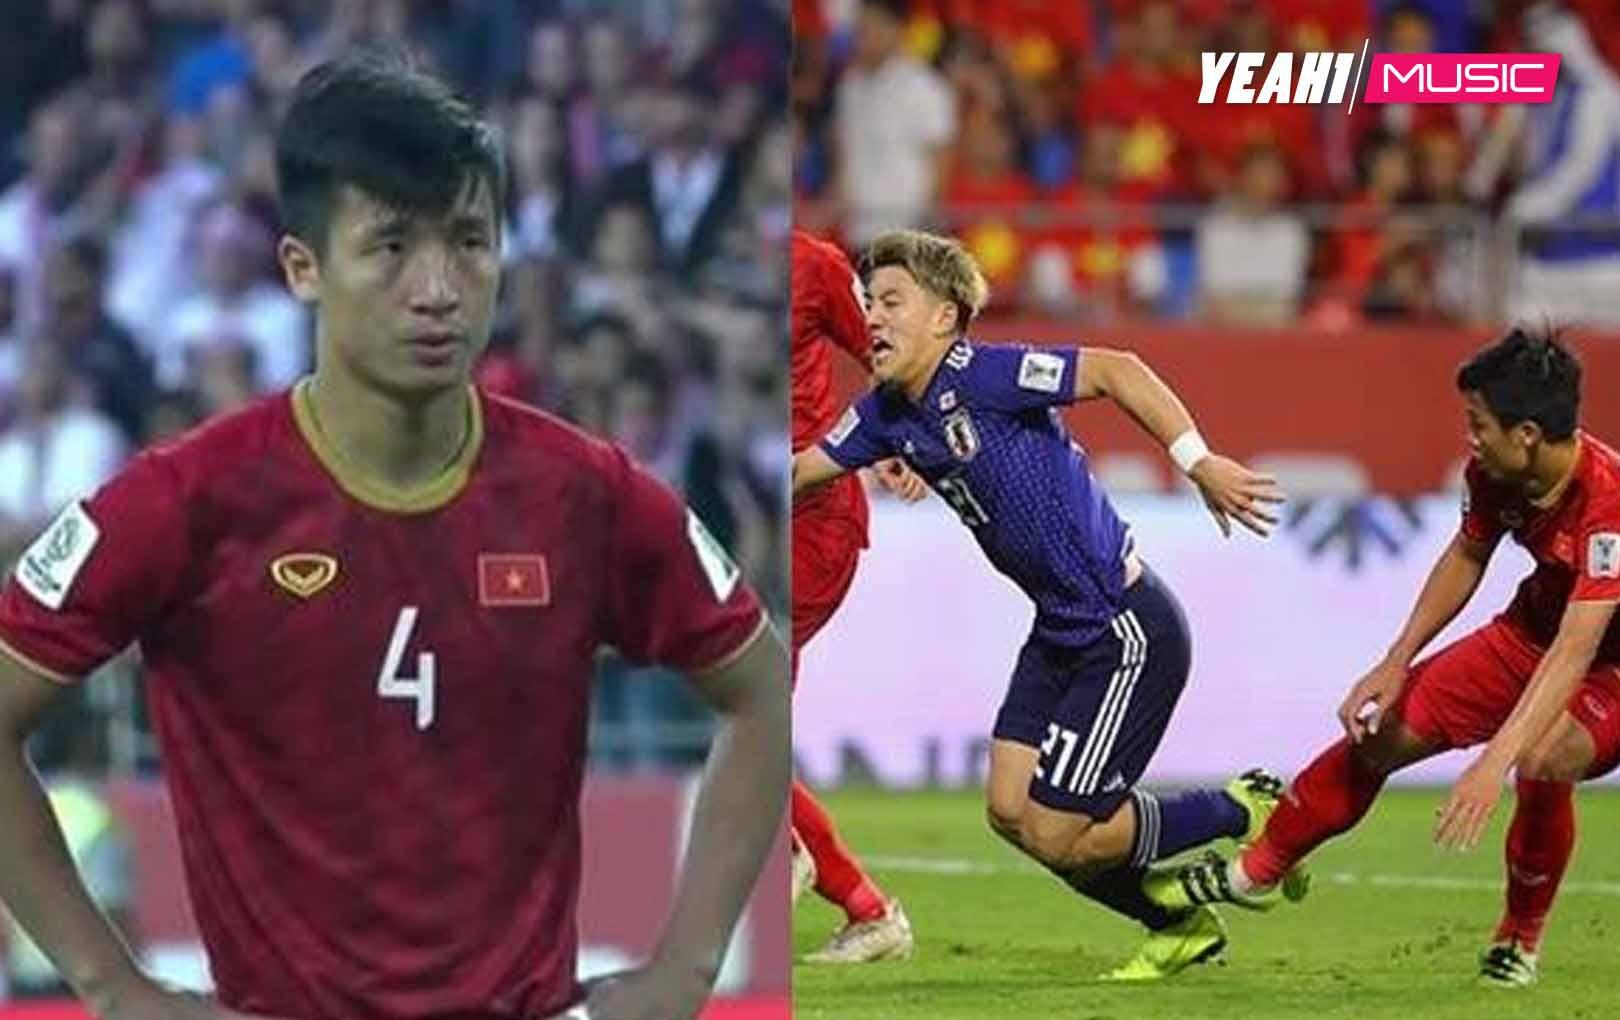 Hàn Quốc xác định Bùi Tiến Dũng không phạm lỗi, không công nhận chiến thắng của Nhật Bản